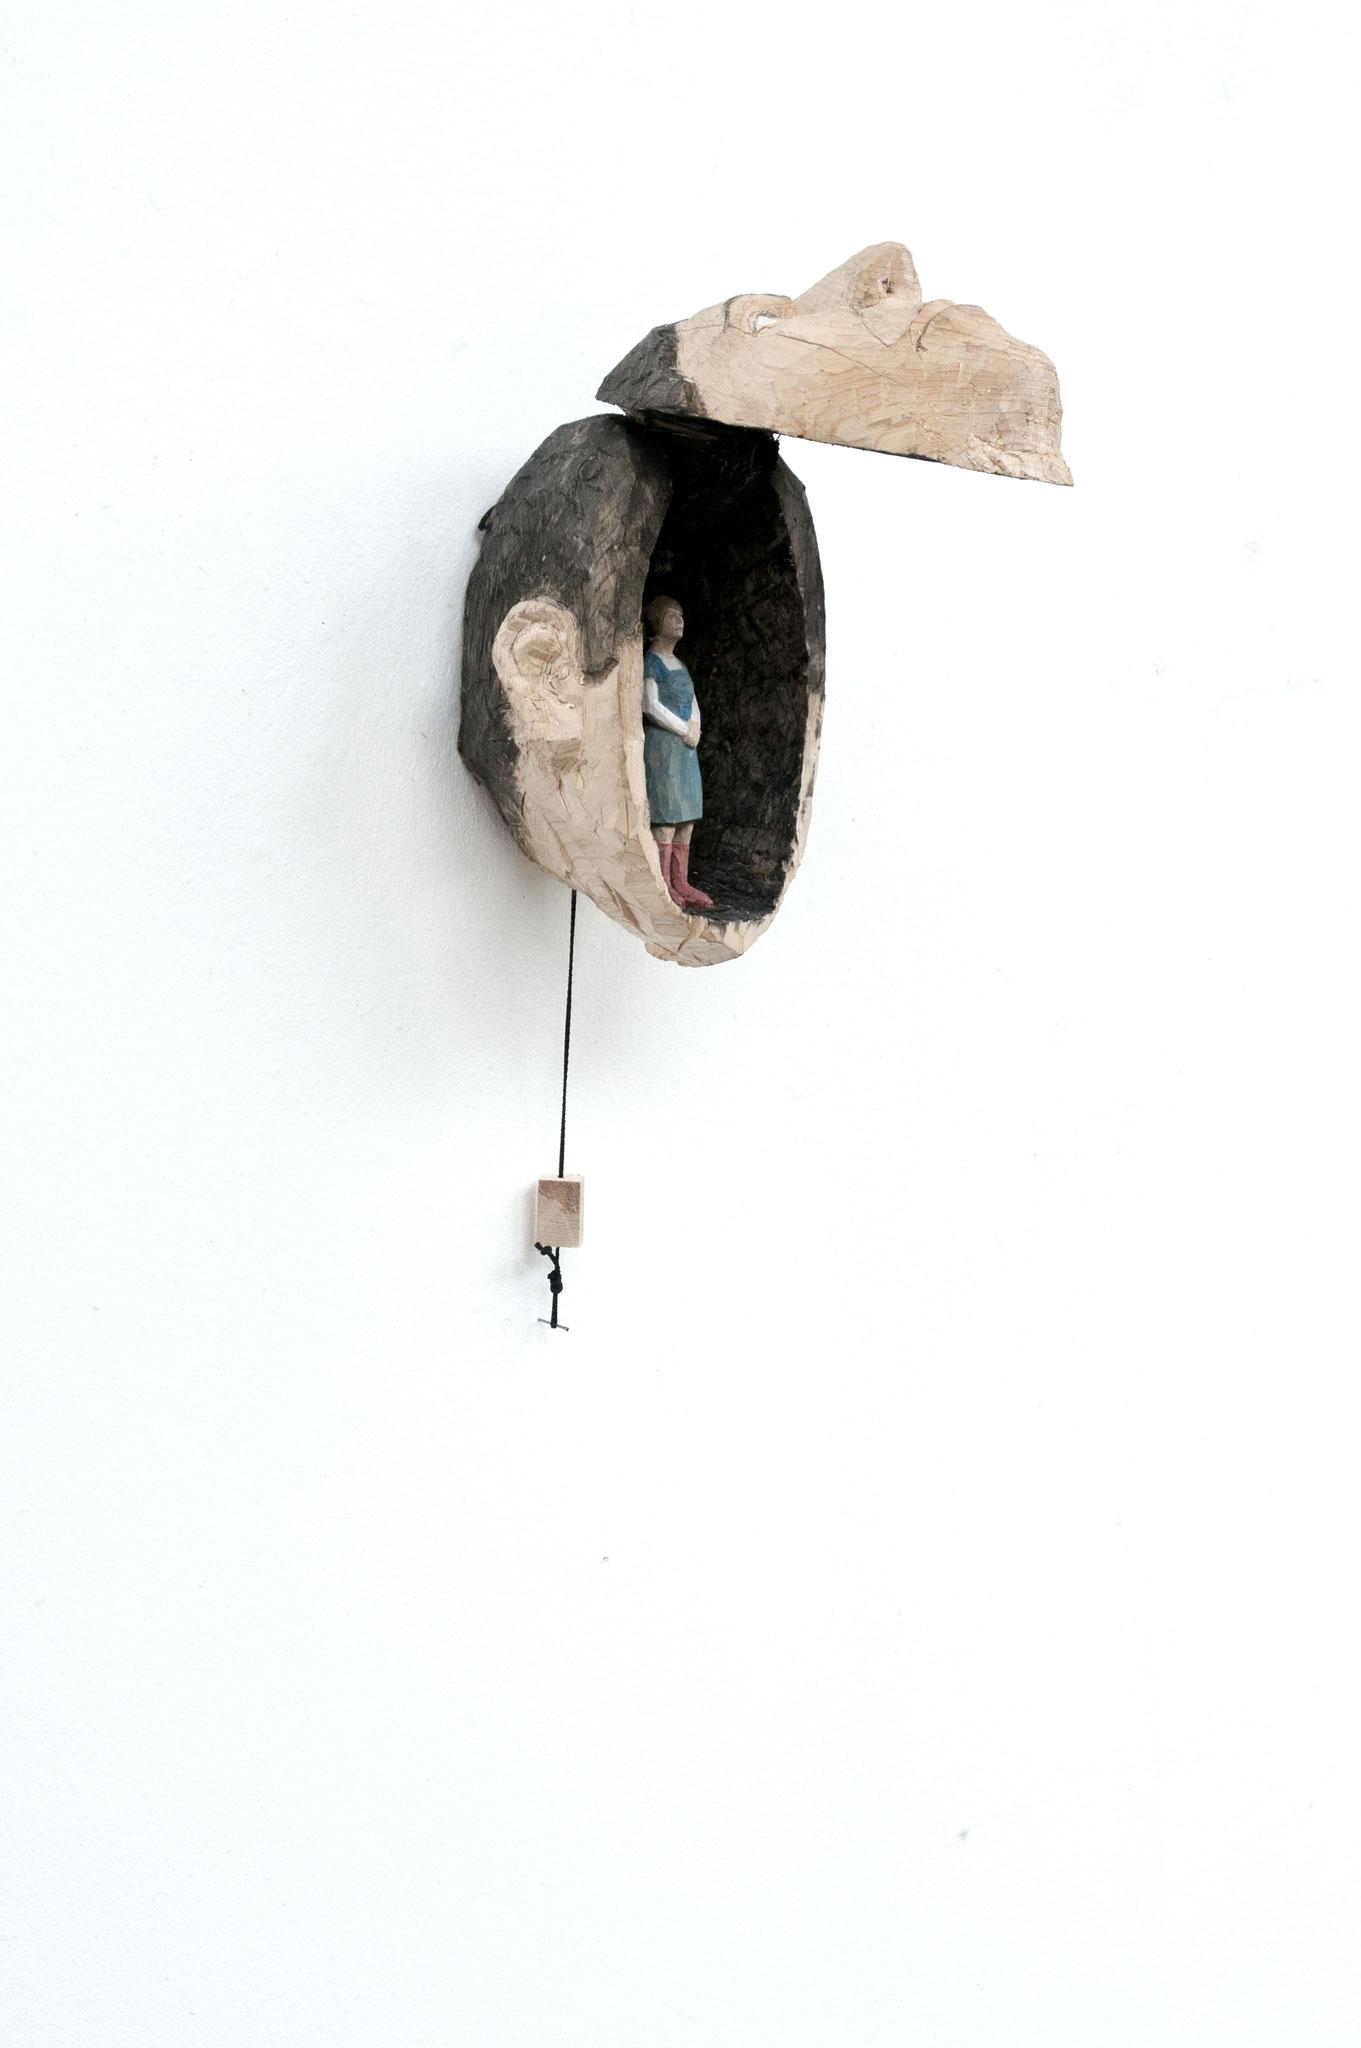 Frau im Kopf, Fichtenholz, bemalt, 2015, Privatsammlung